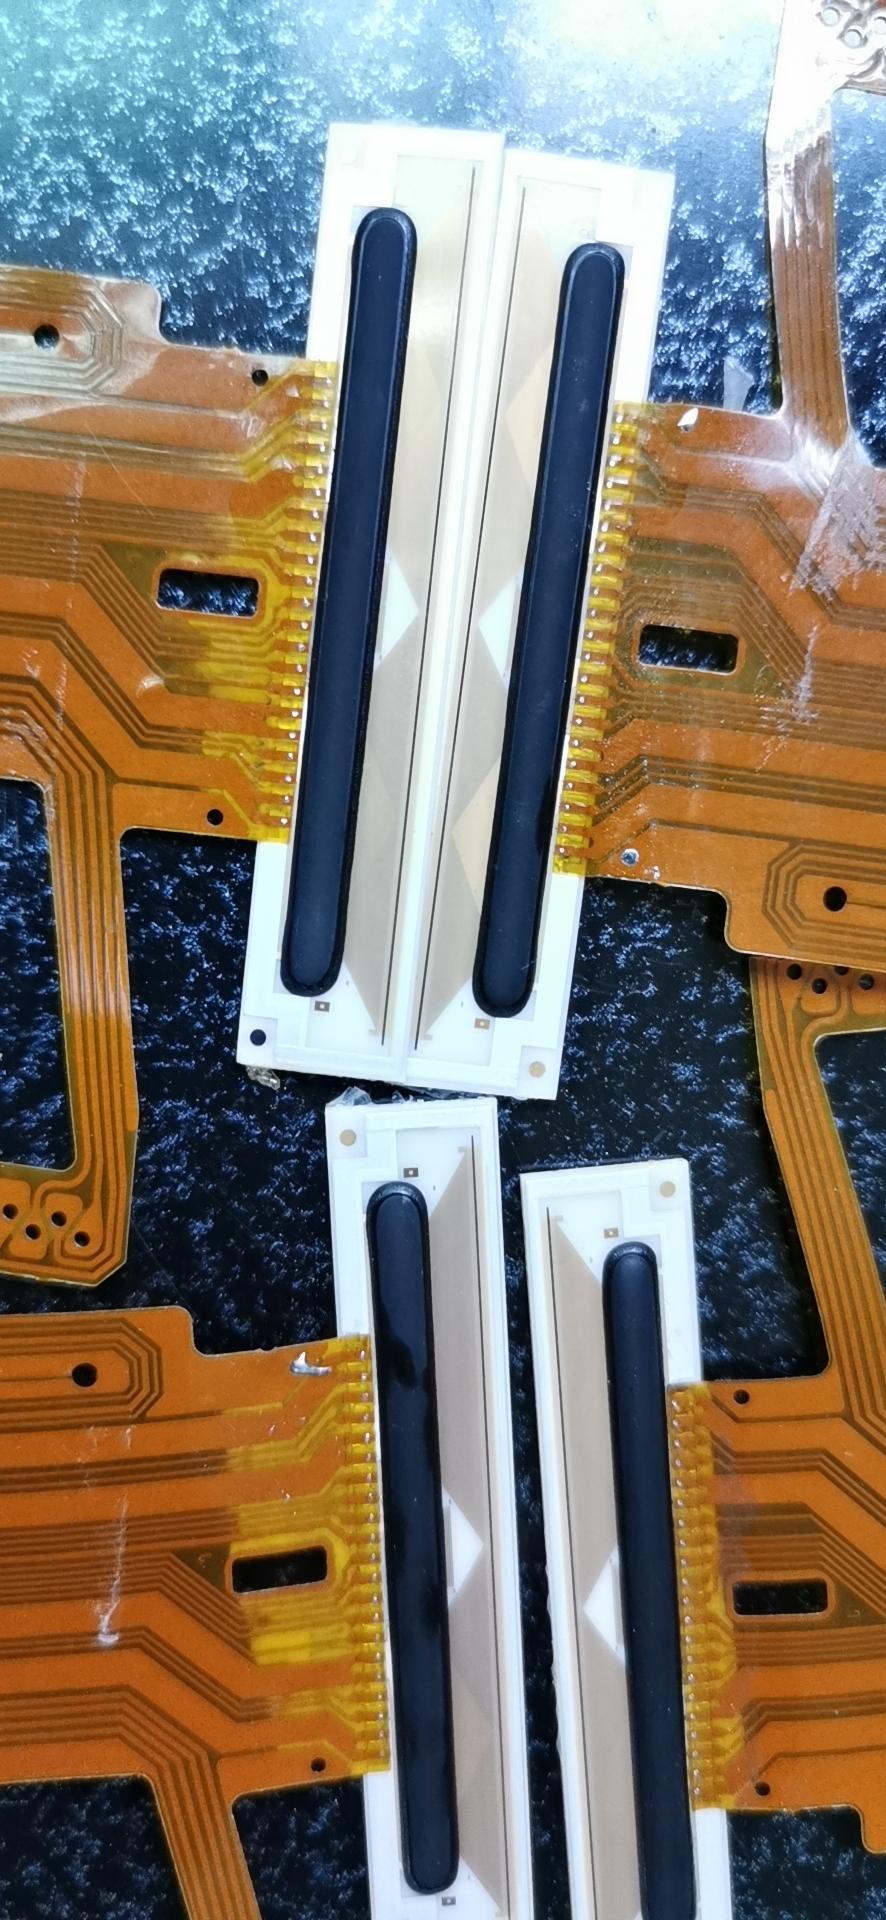 脈衝熱壓機加工產品(FPC) 3